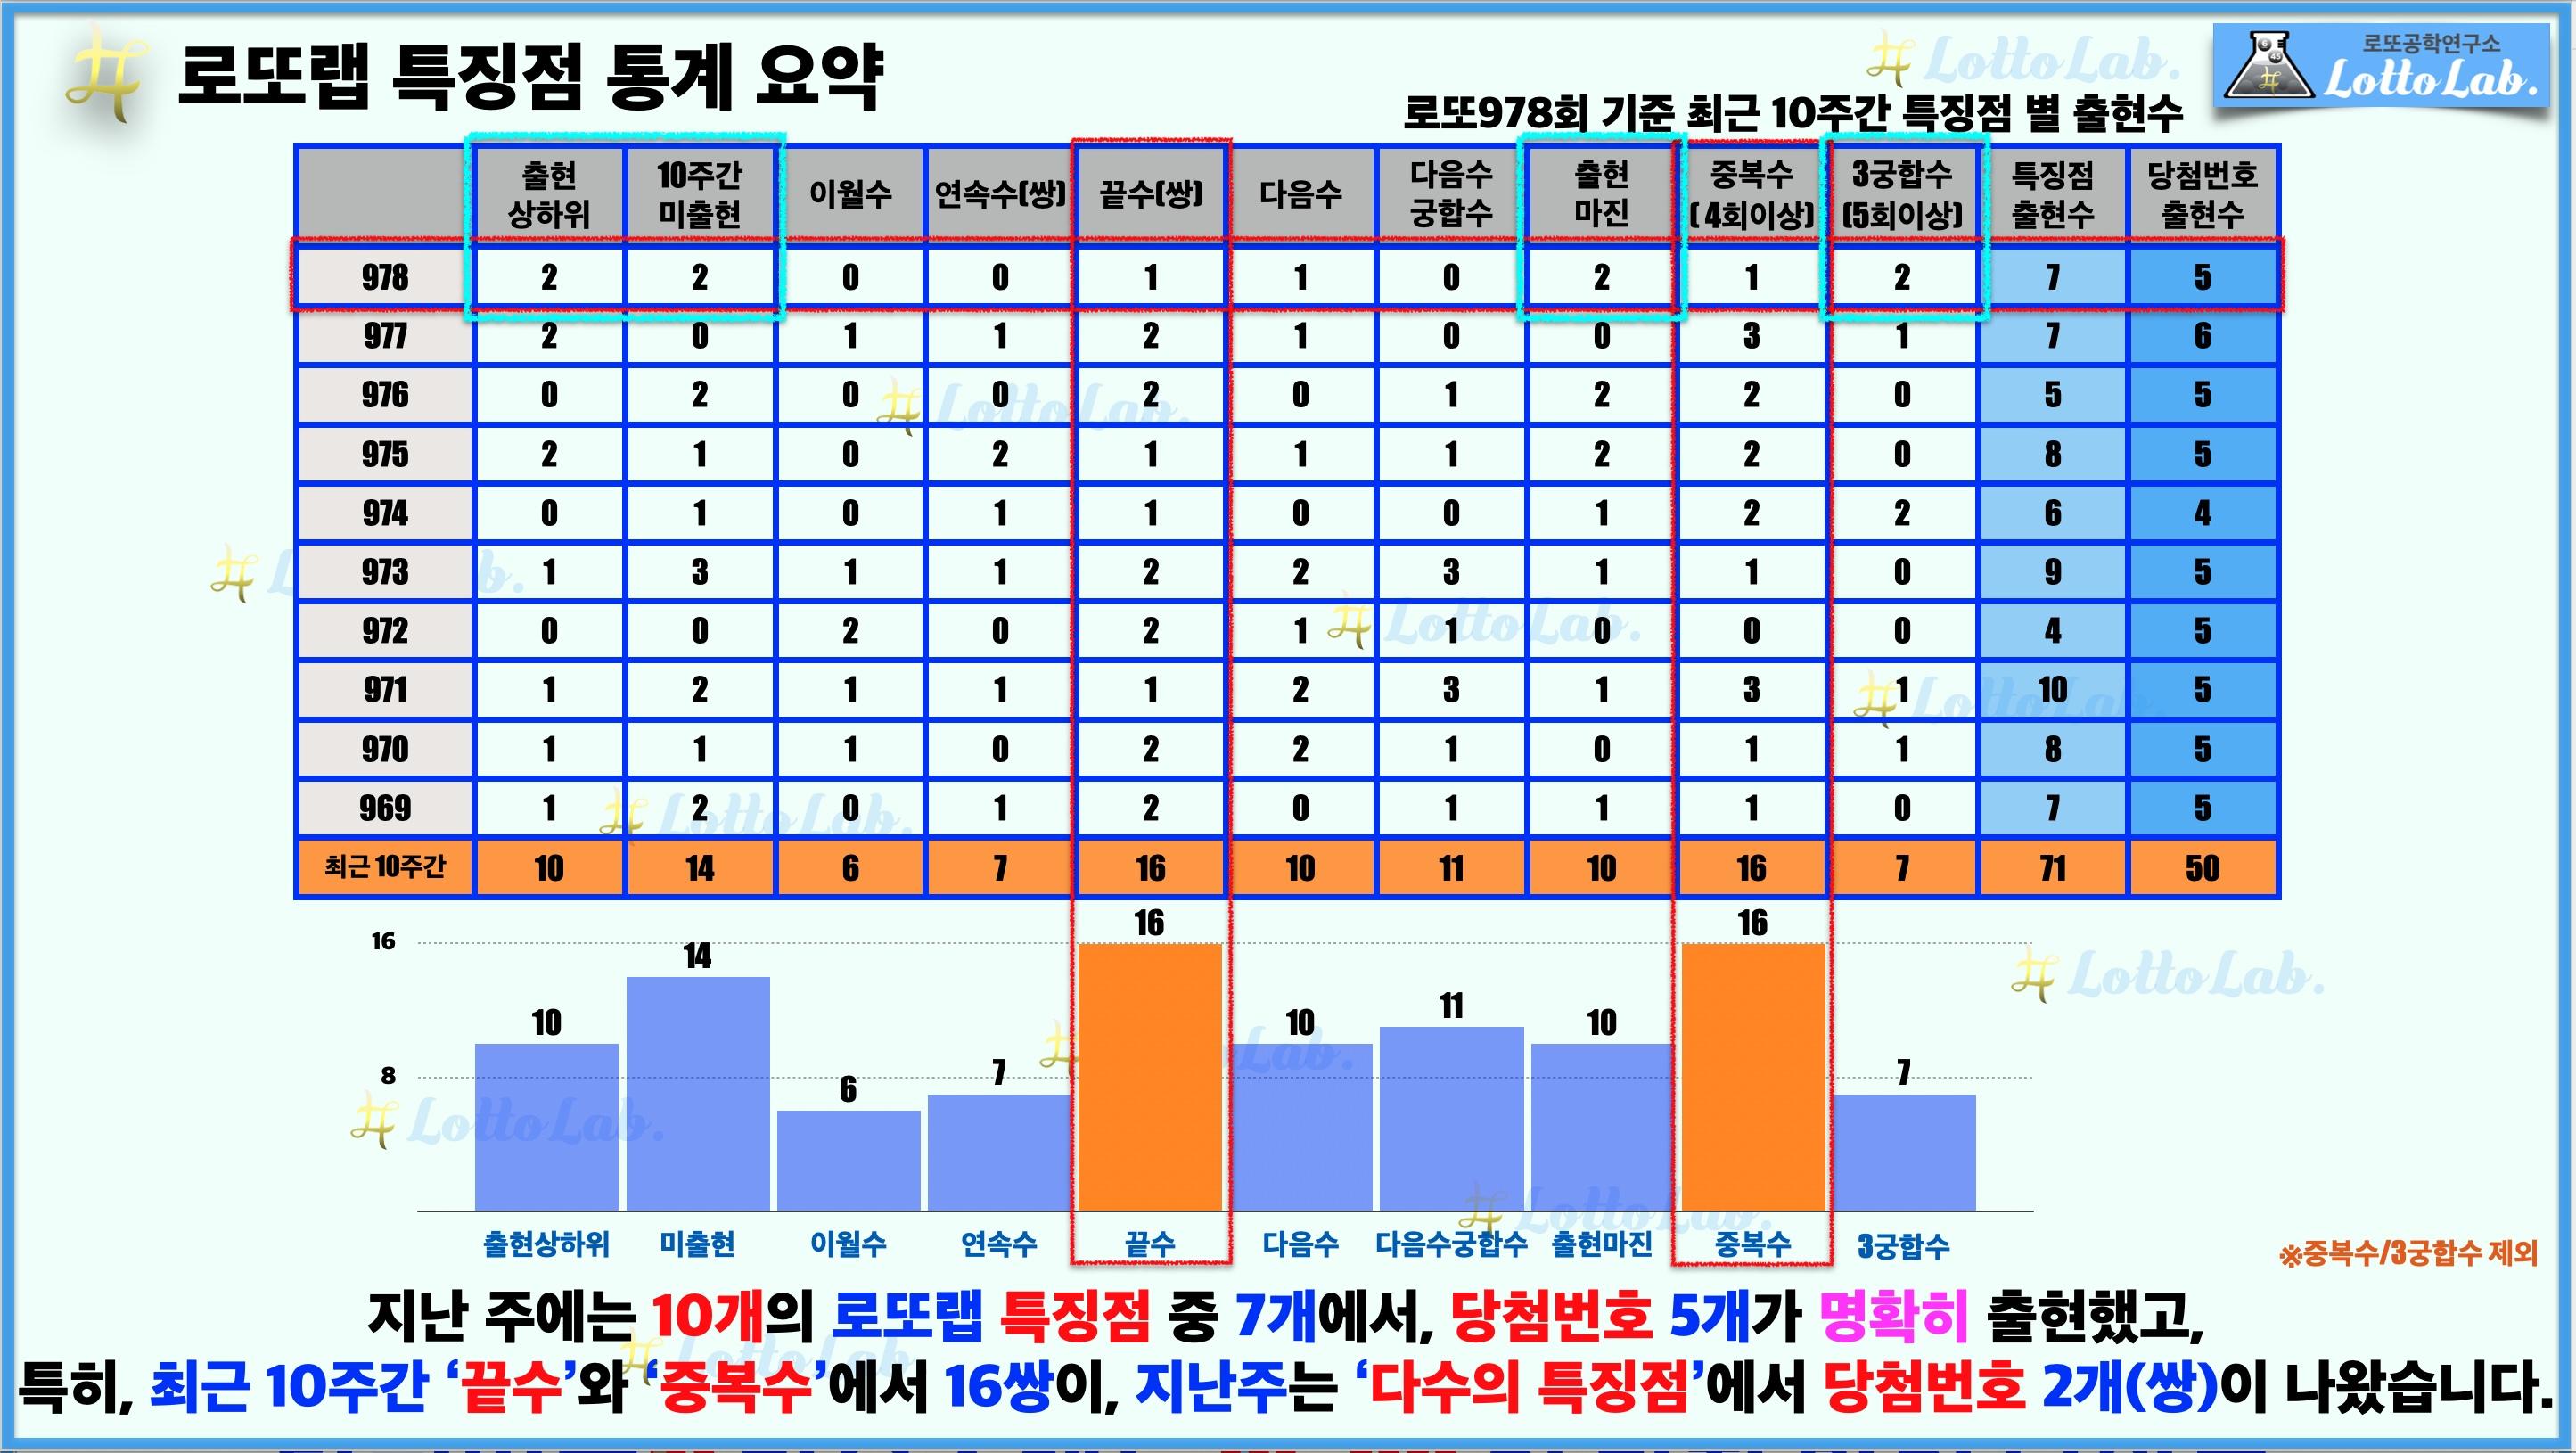 로또랩 로또 979 최근 10주간 특징점 당첨번호 출현 결과